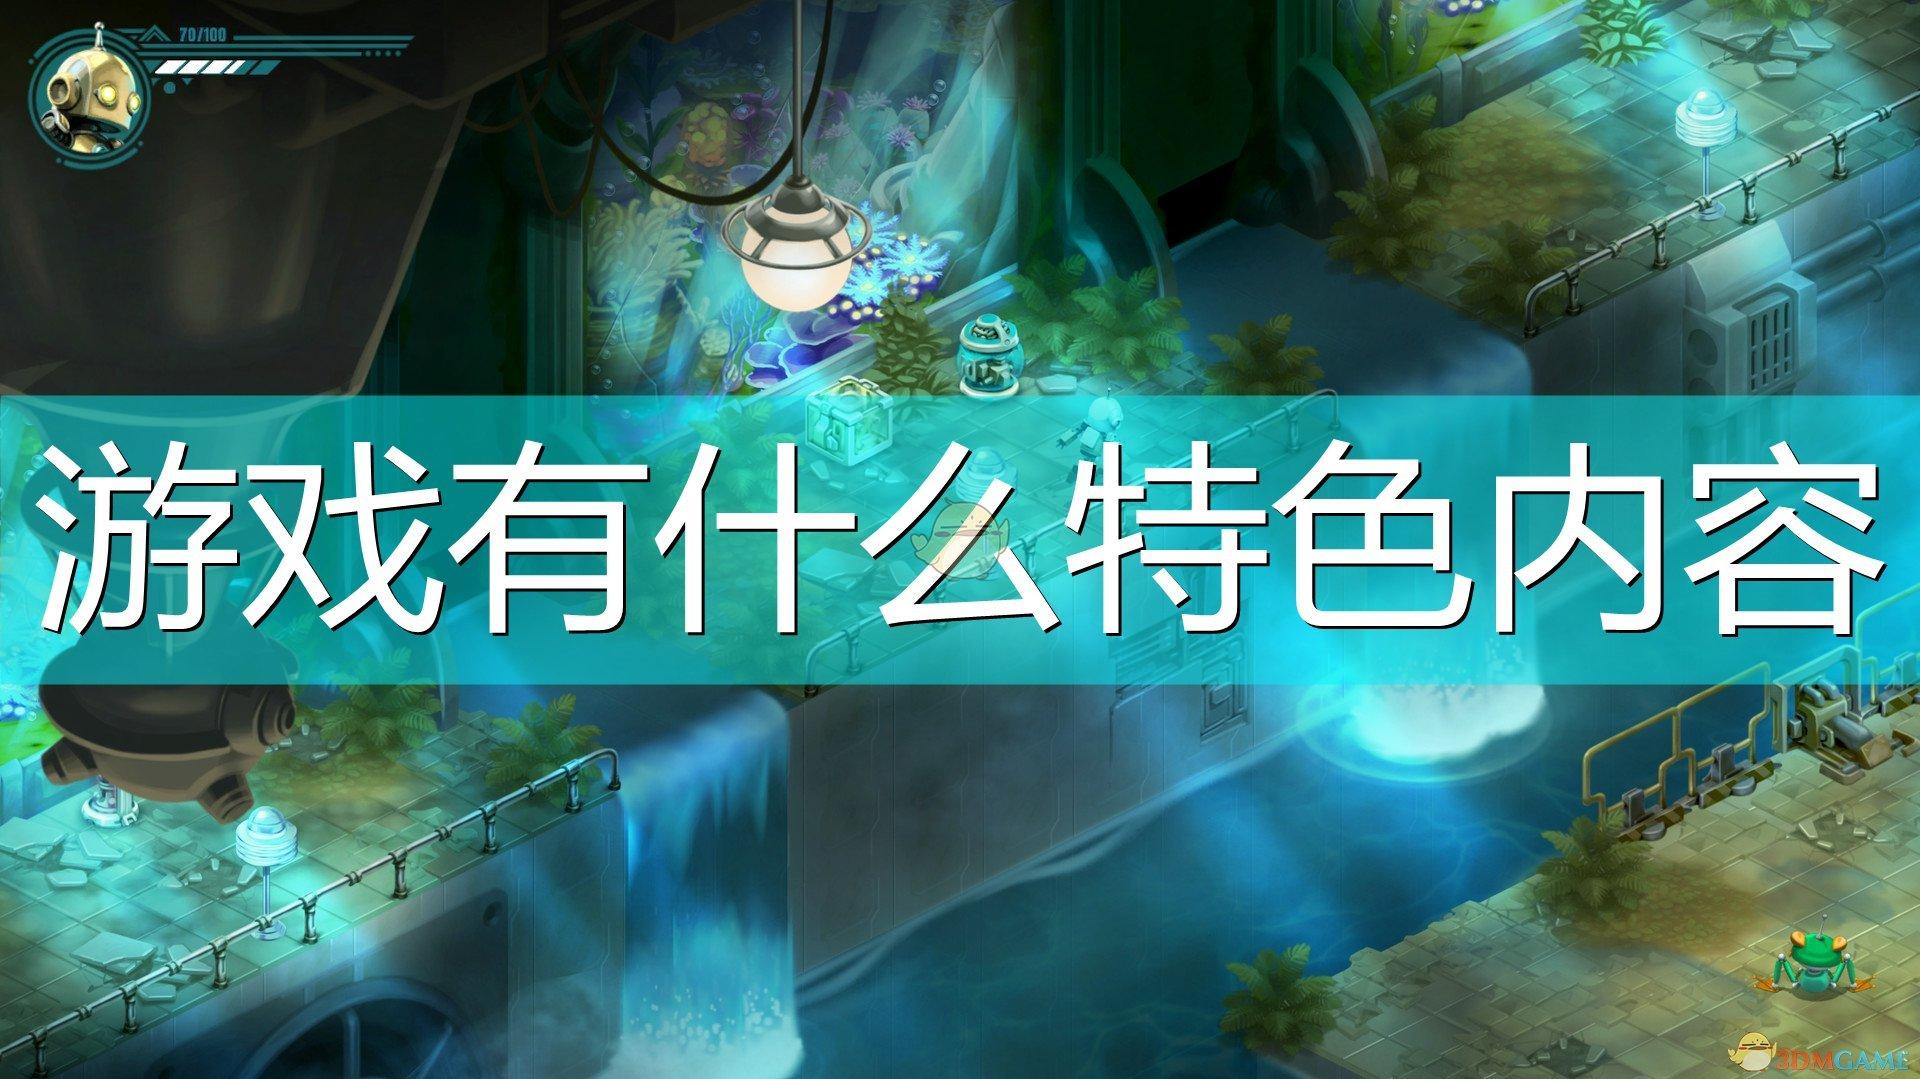 《复古机械城》游戏特色内容介绍